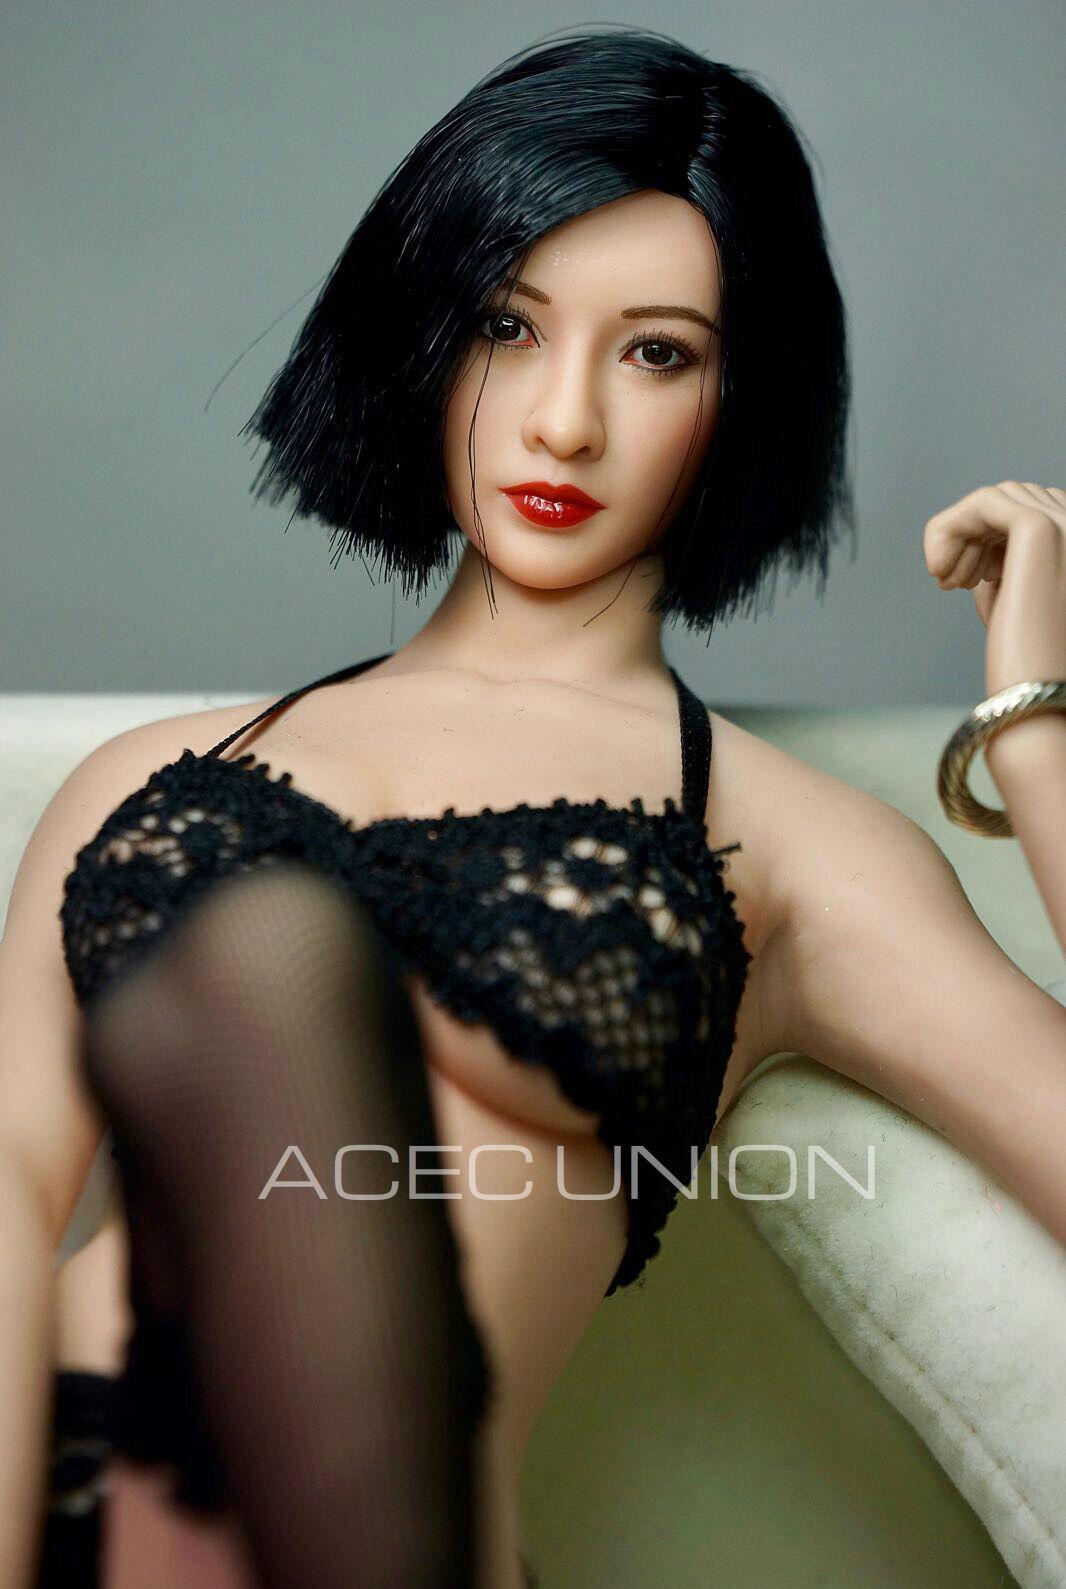 meet asian beauty